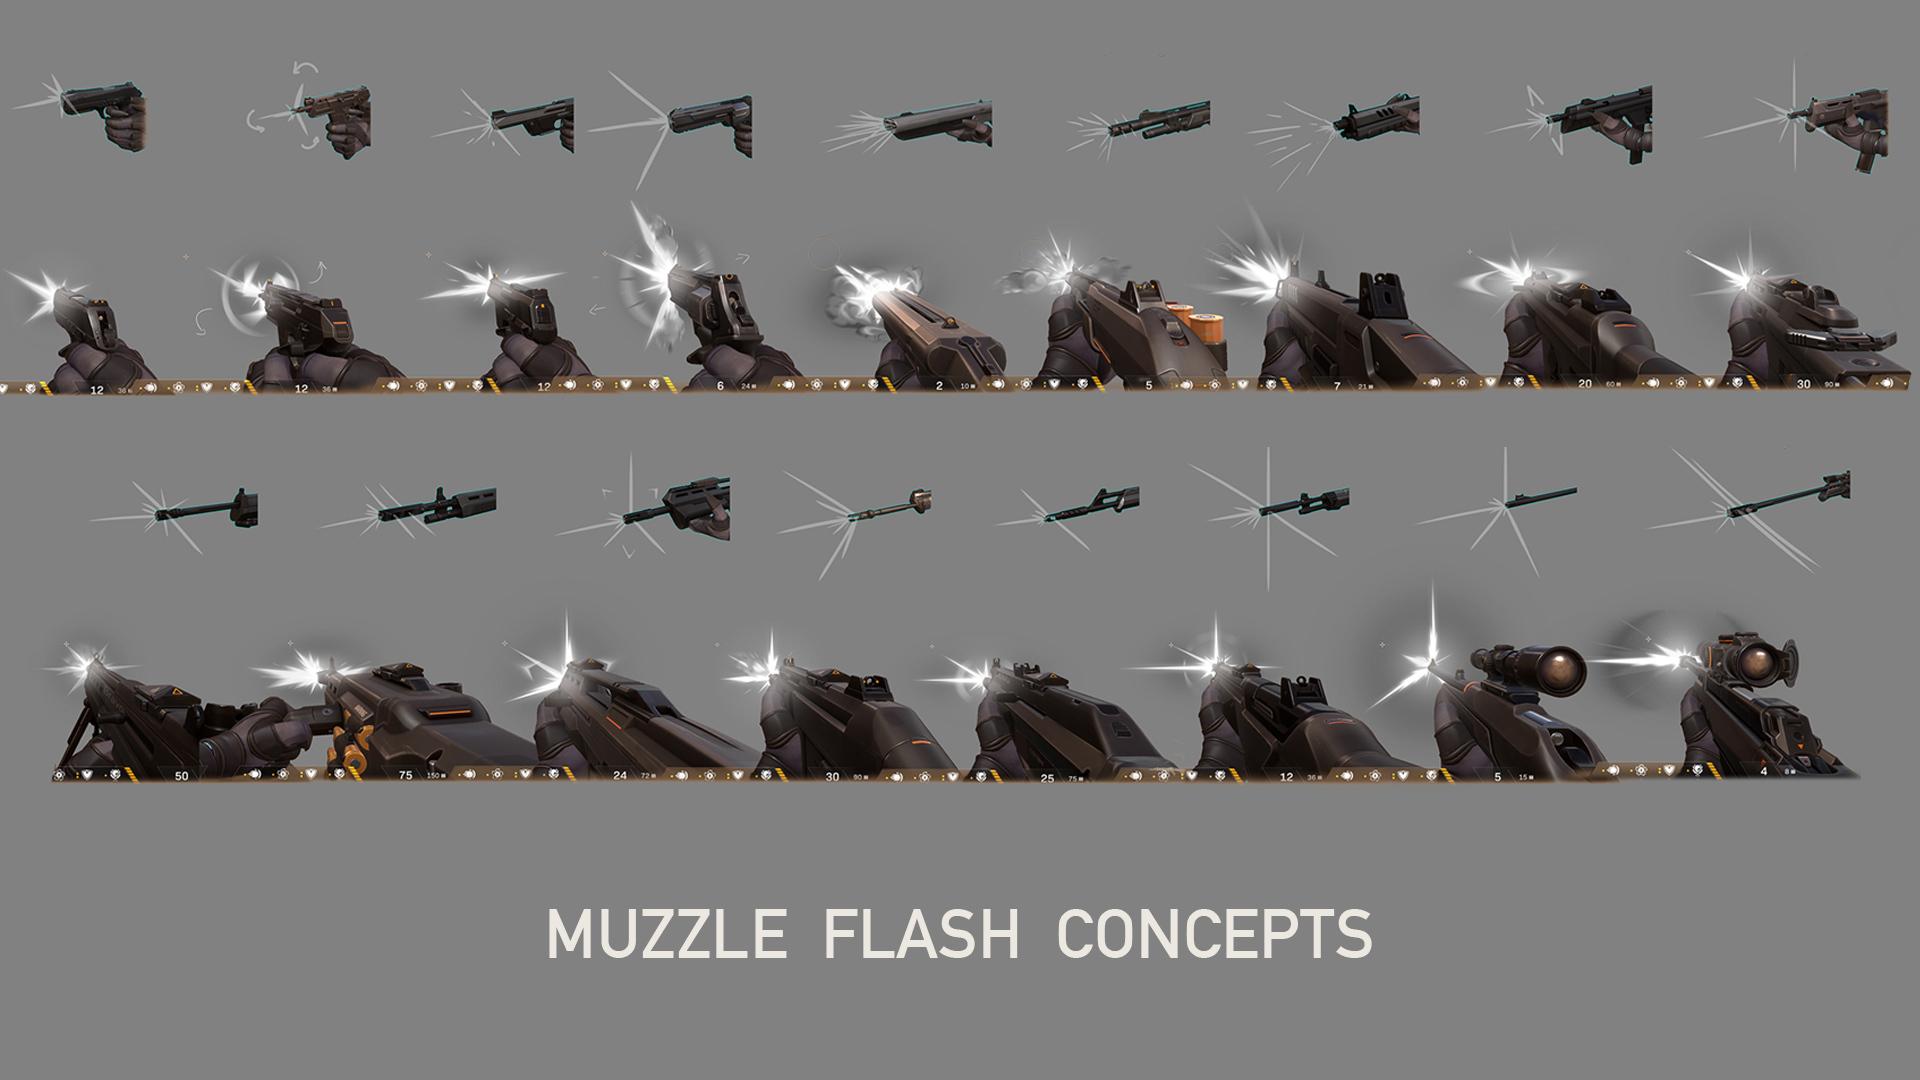 muzzle-flash-concepts.jpg